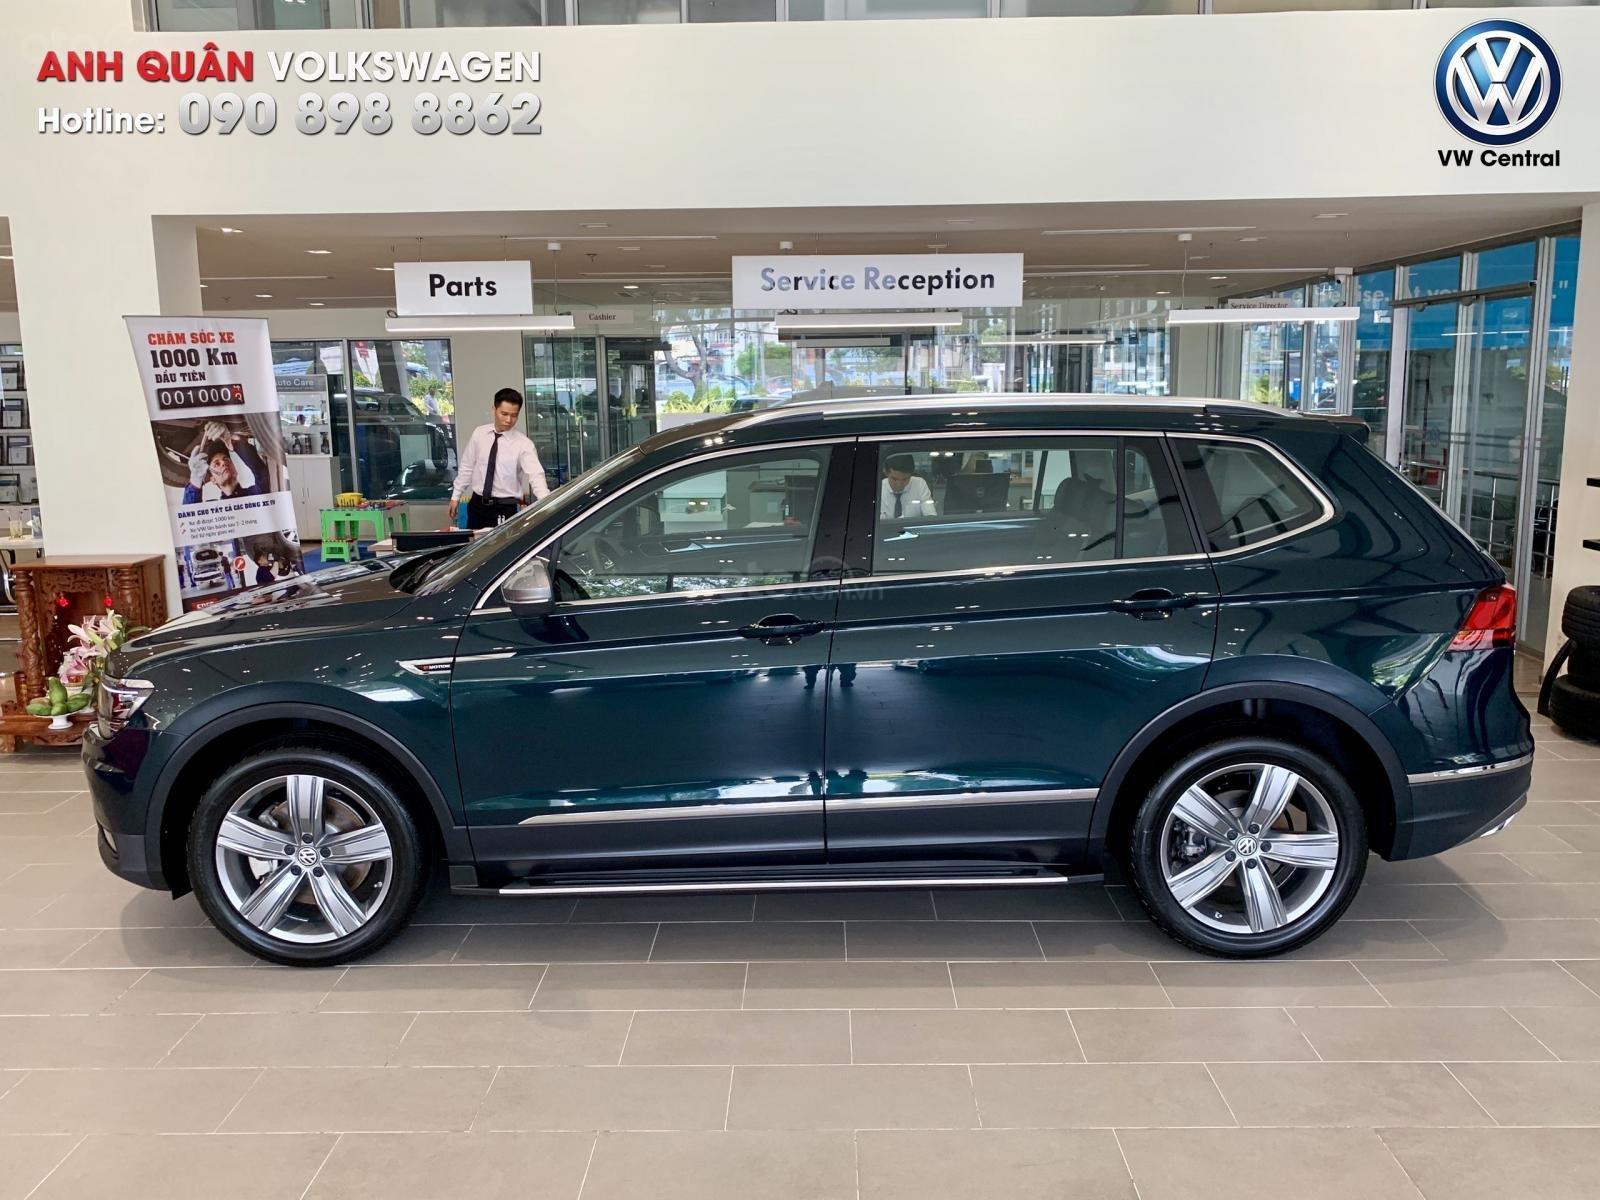 Tiguan Allspace 2019 - ưu đãi mua xe lên tới 160tr, trả góp 80%, hotline: 090-898-8862 (4)